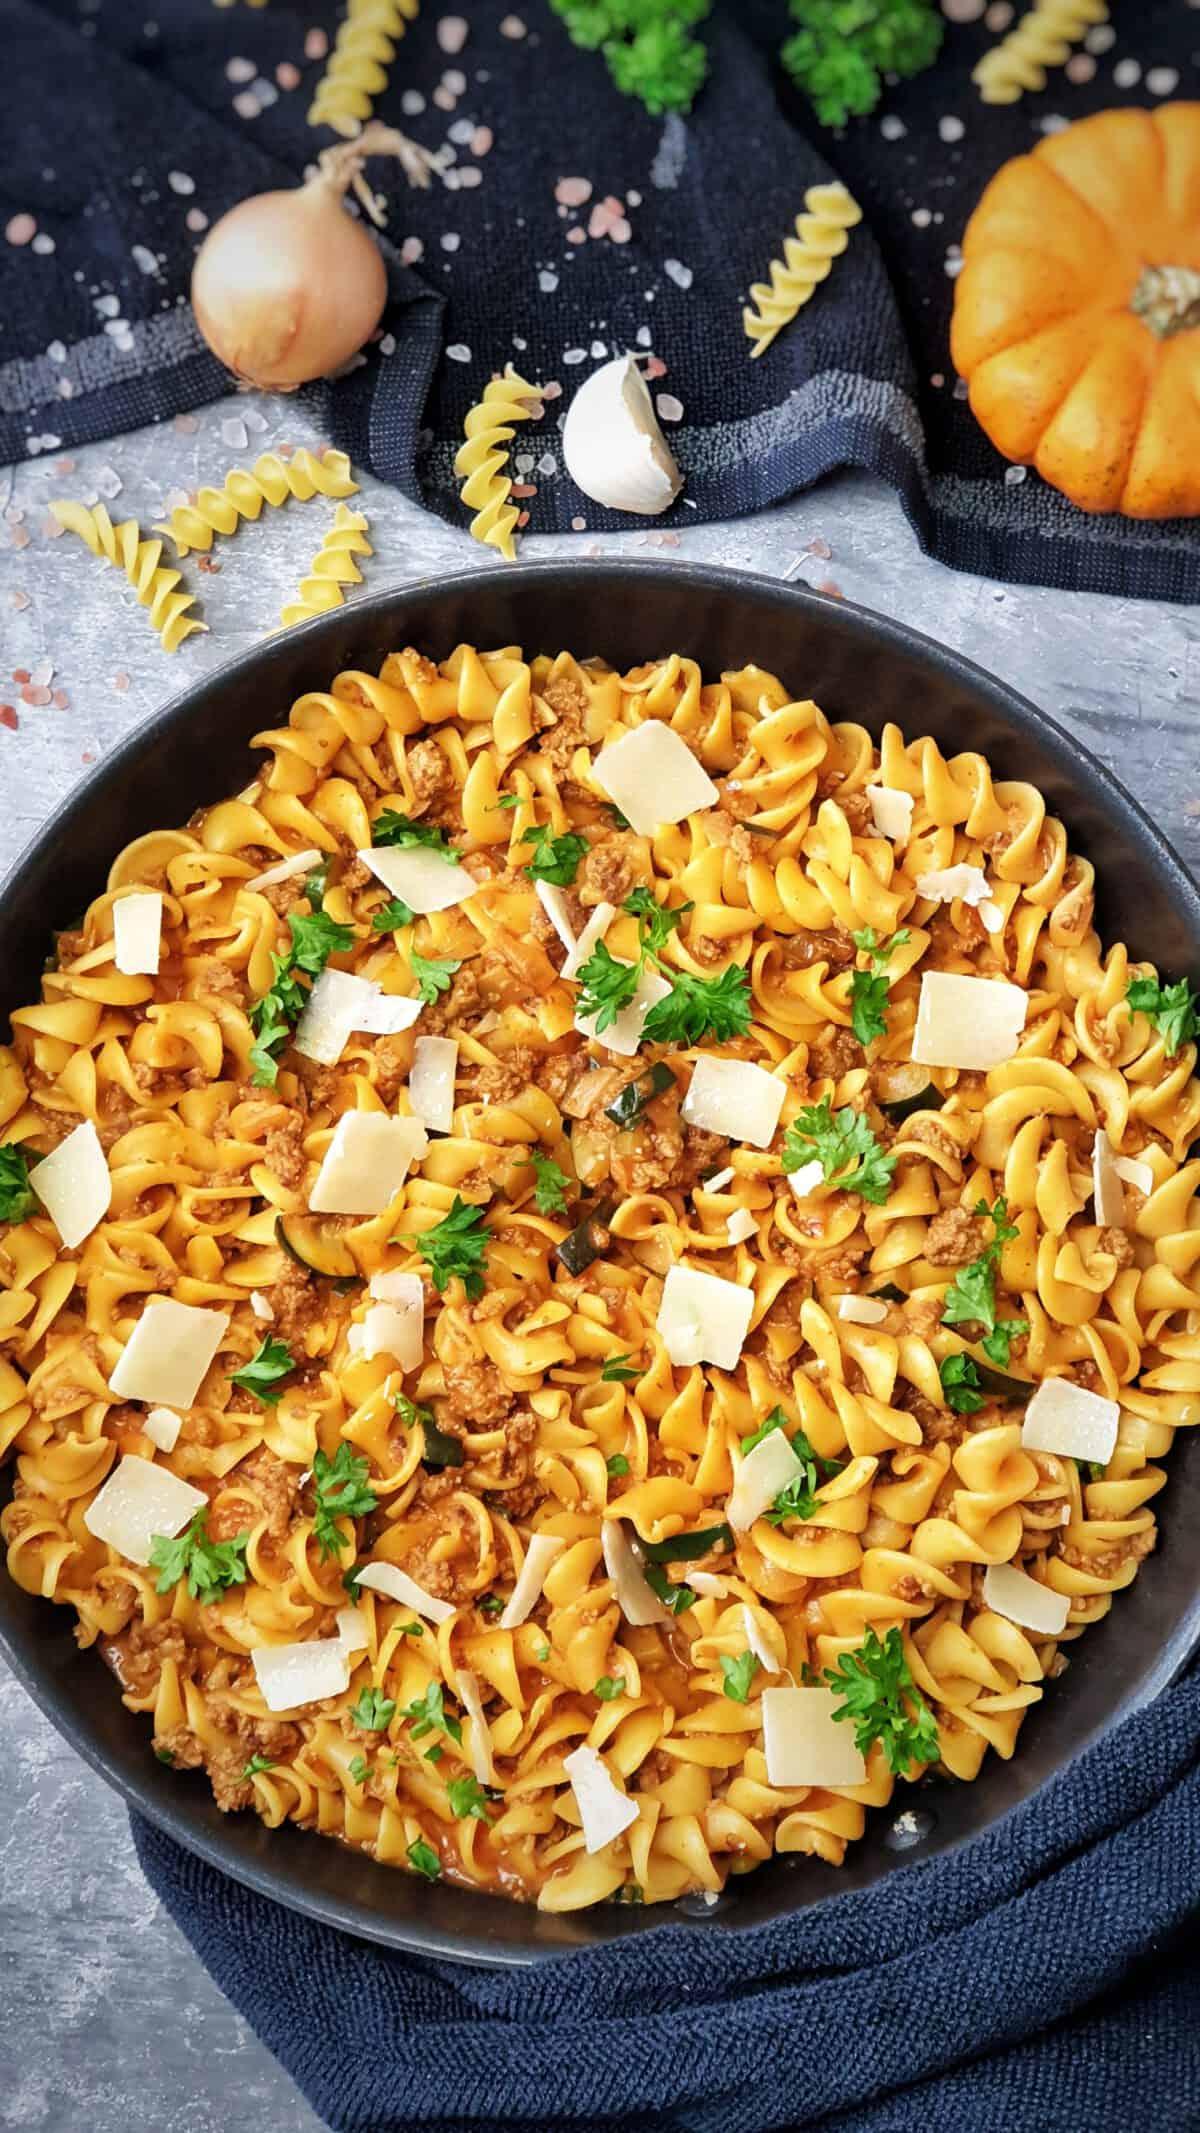 In einer Pfanne Nudel-Pfanne mit Zucchini und Hackfleisch. Mit Parmesan Hobel und Petersilie bestreut. Im Hintergrund Deko.